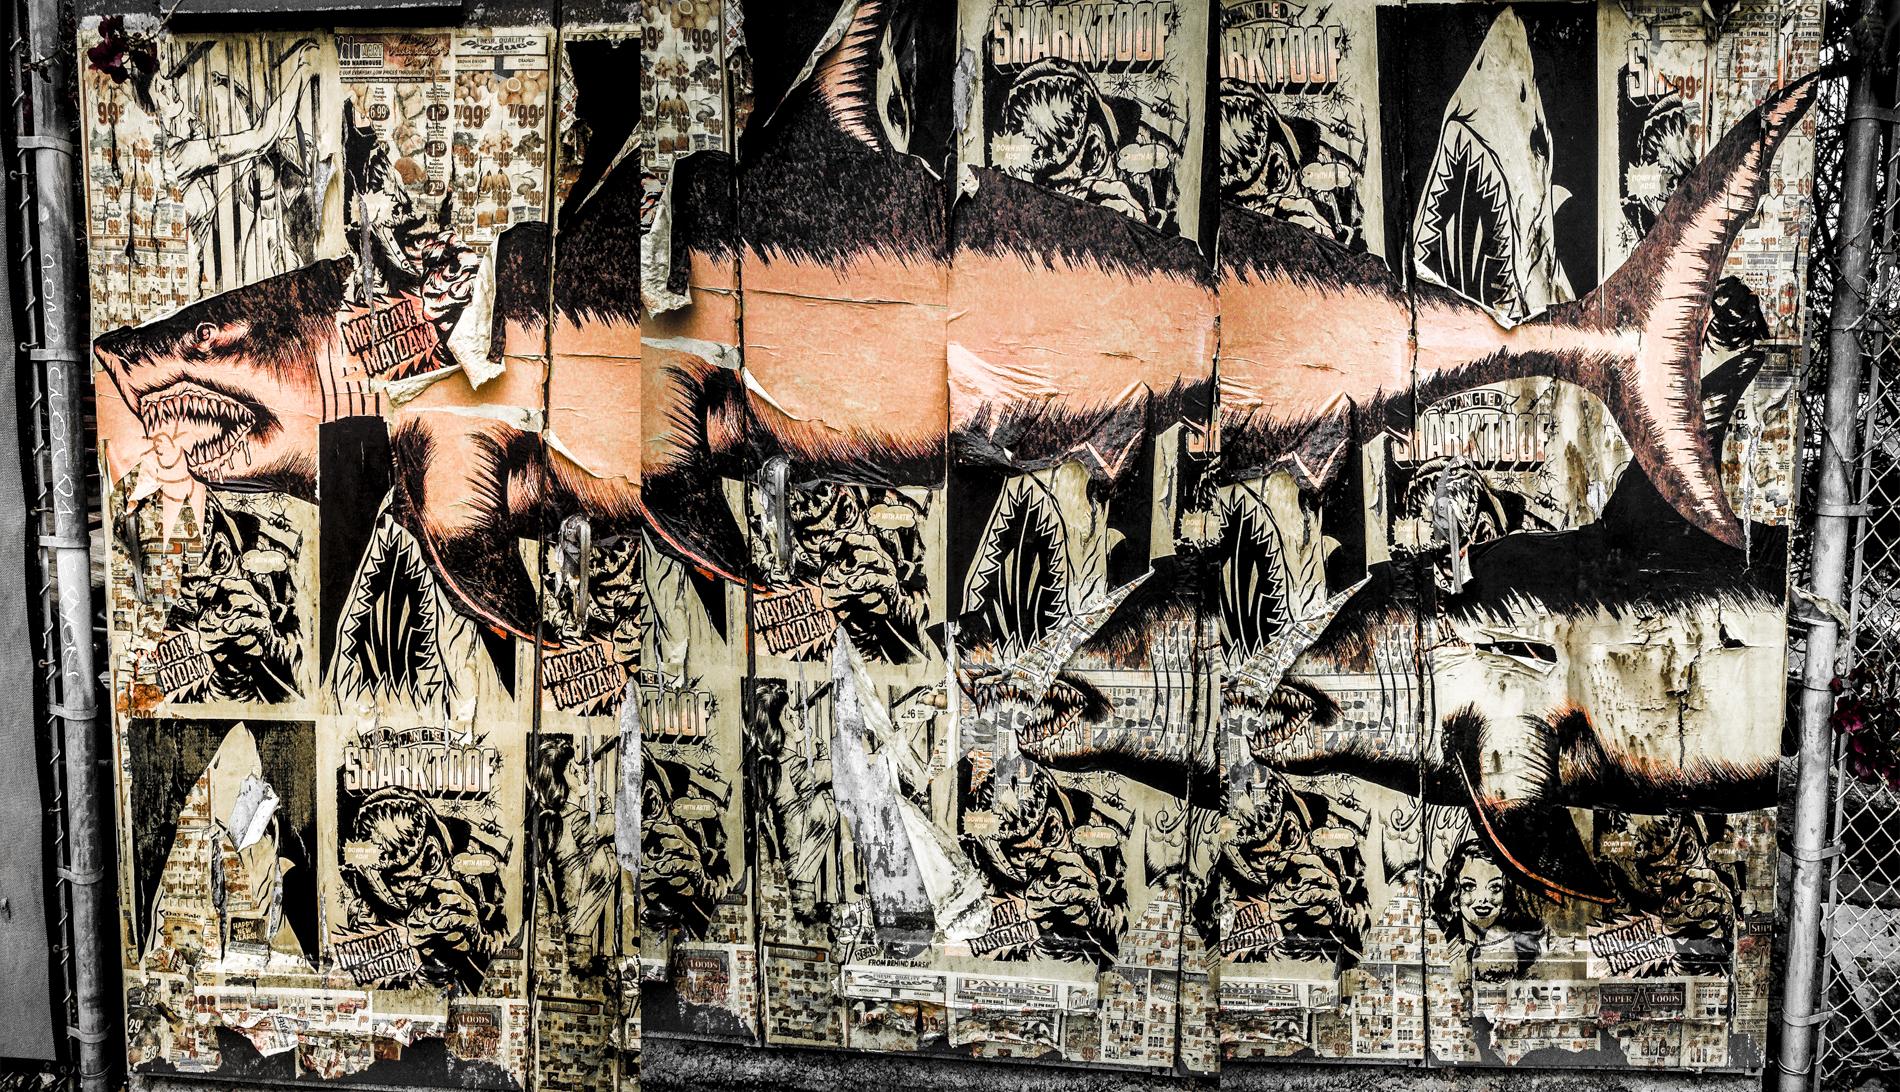 Bergamont Shark-EditBruce Burr - 1900x72